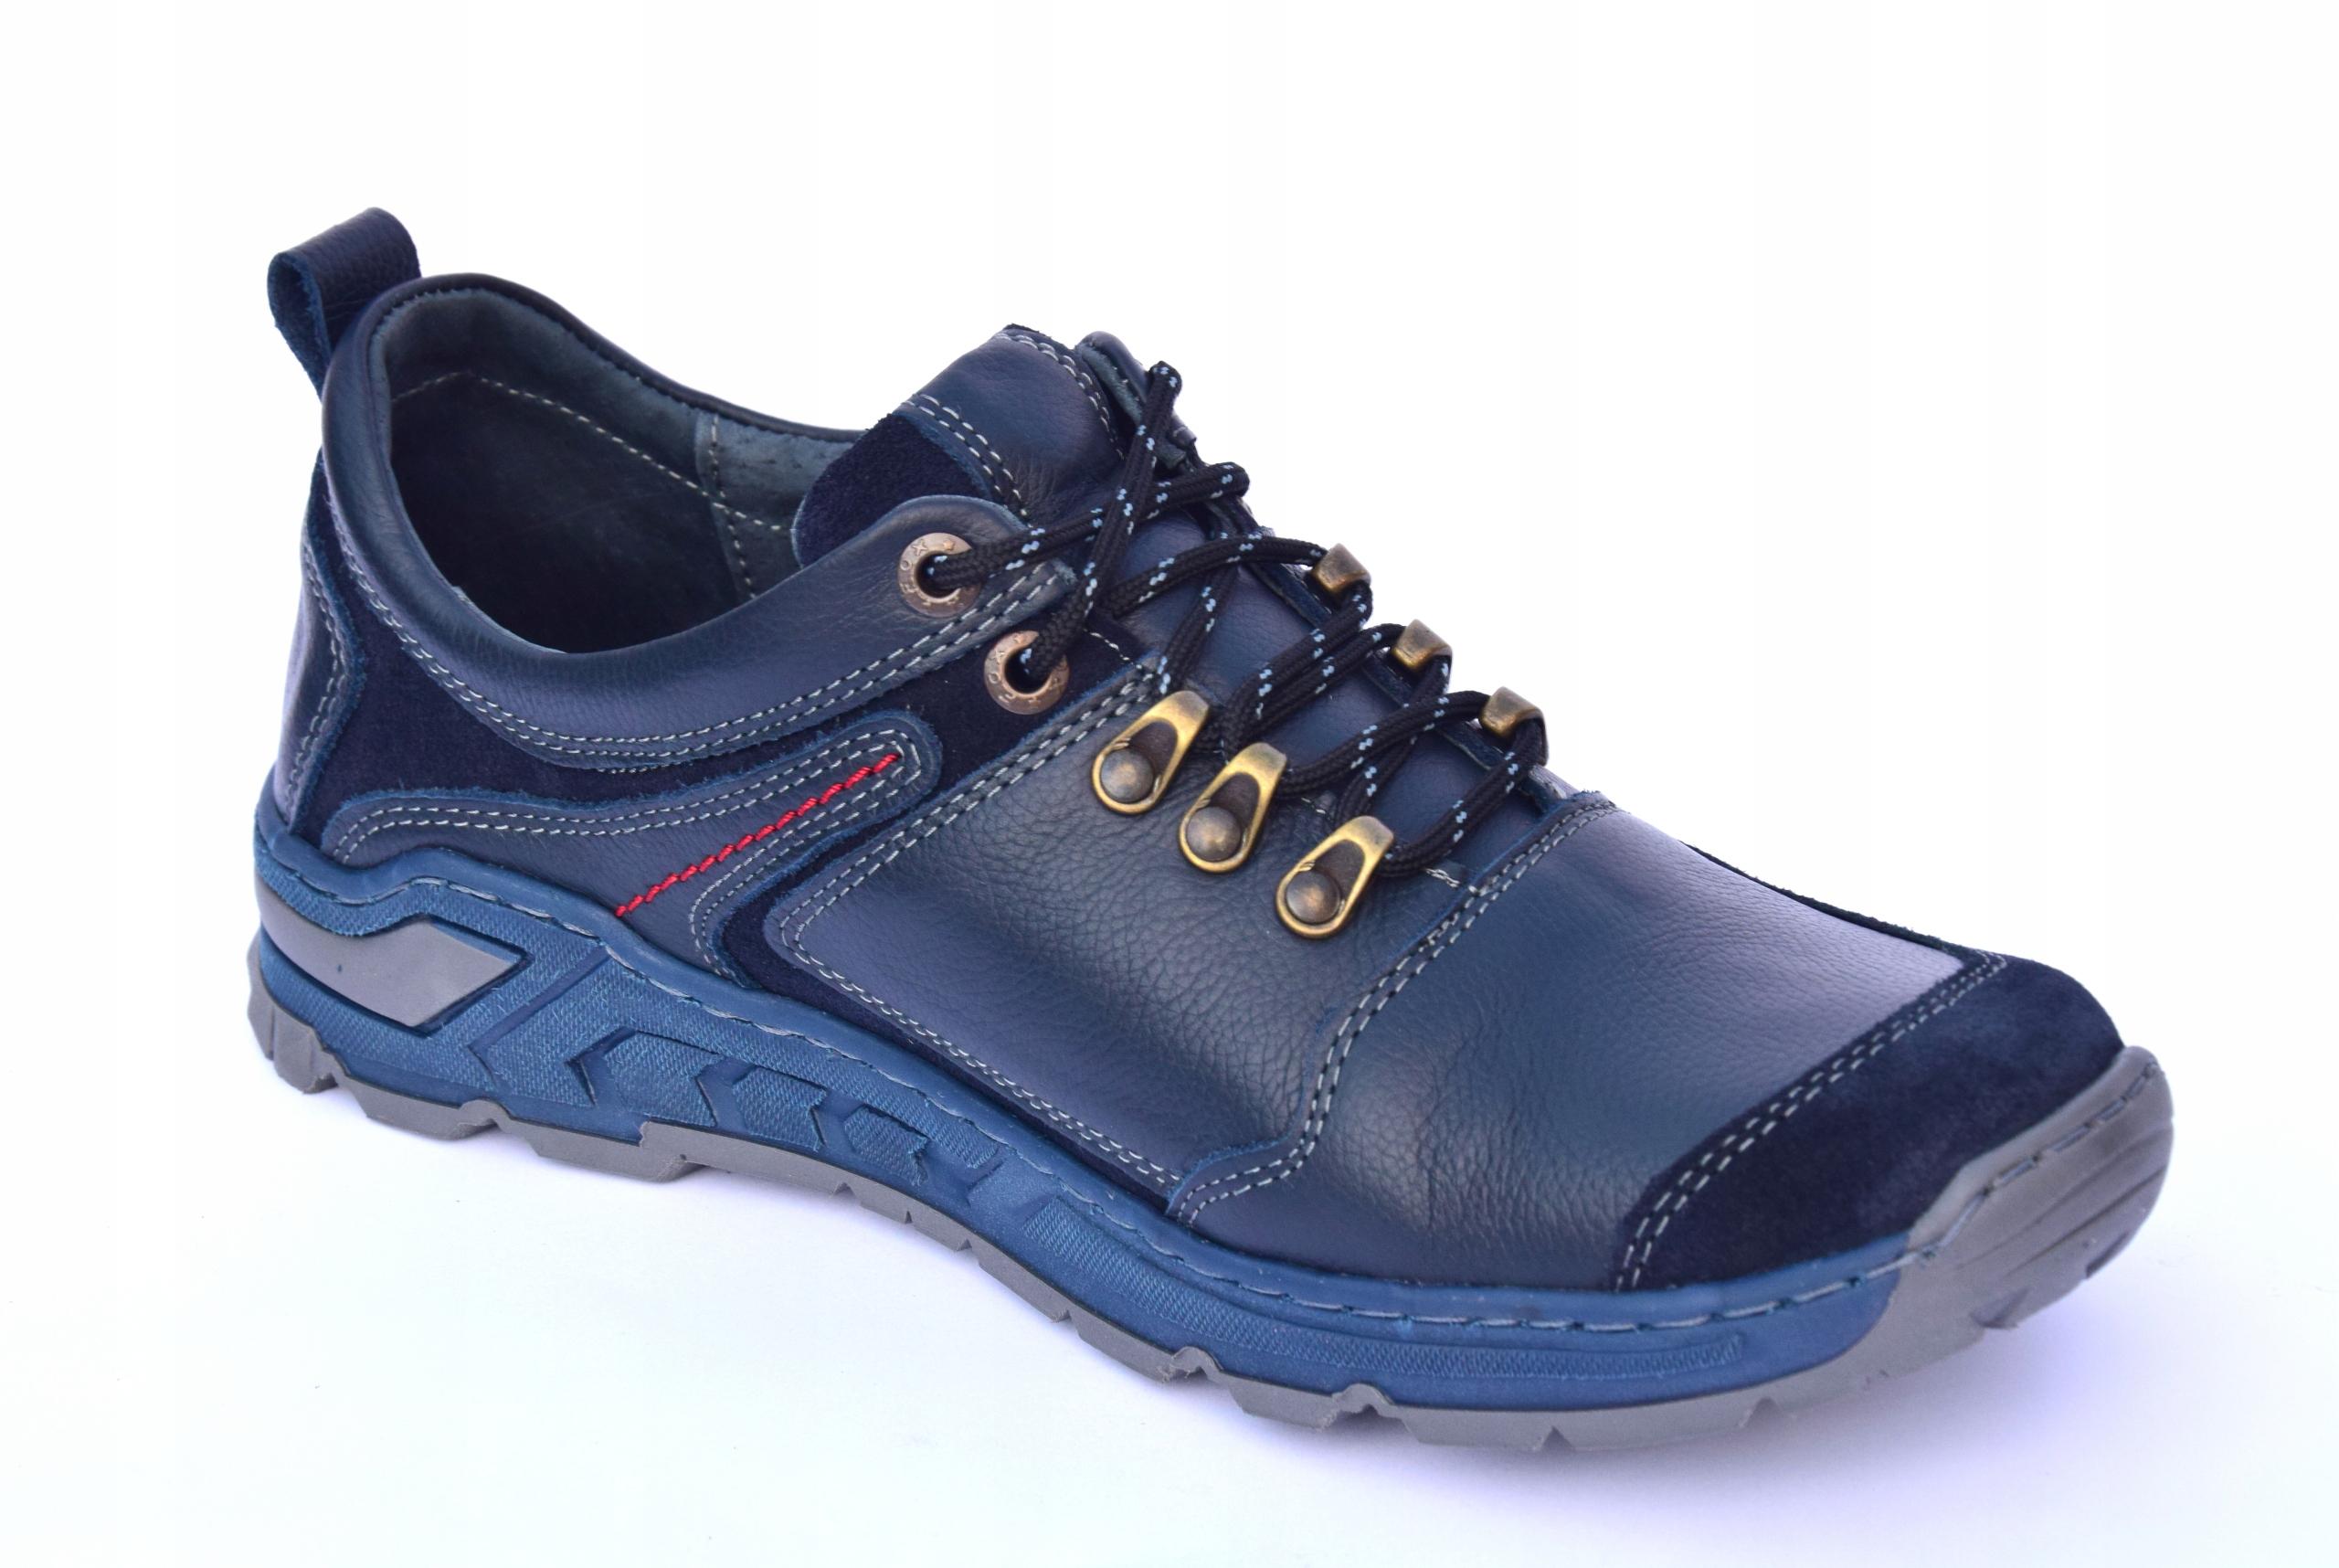 Buty trekkingowe górskie polskie skórzane 0241IG Płeć Produkt męski